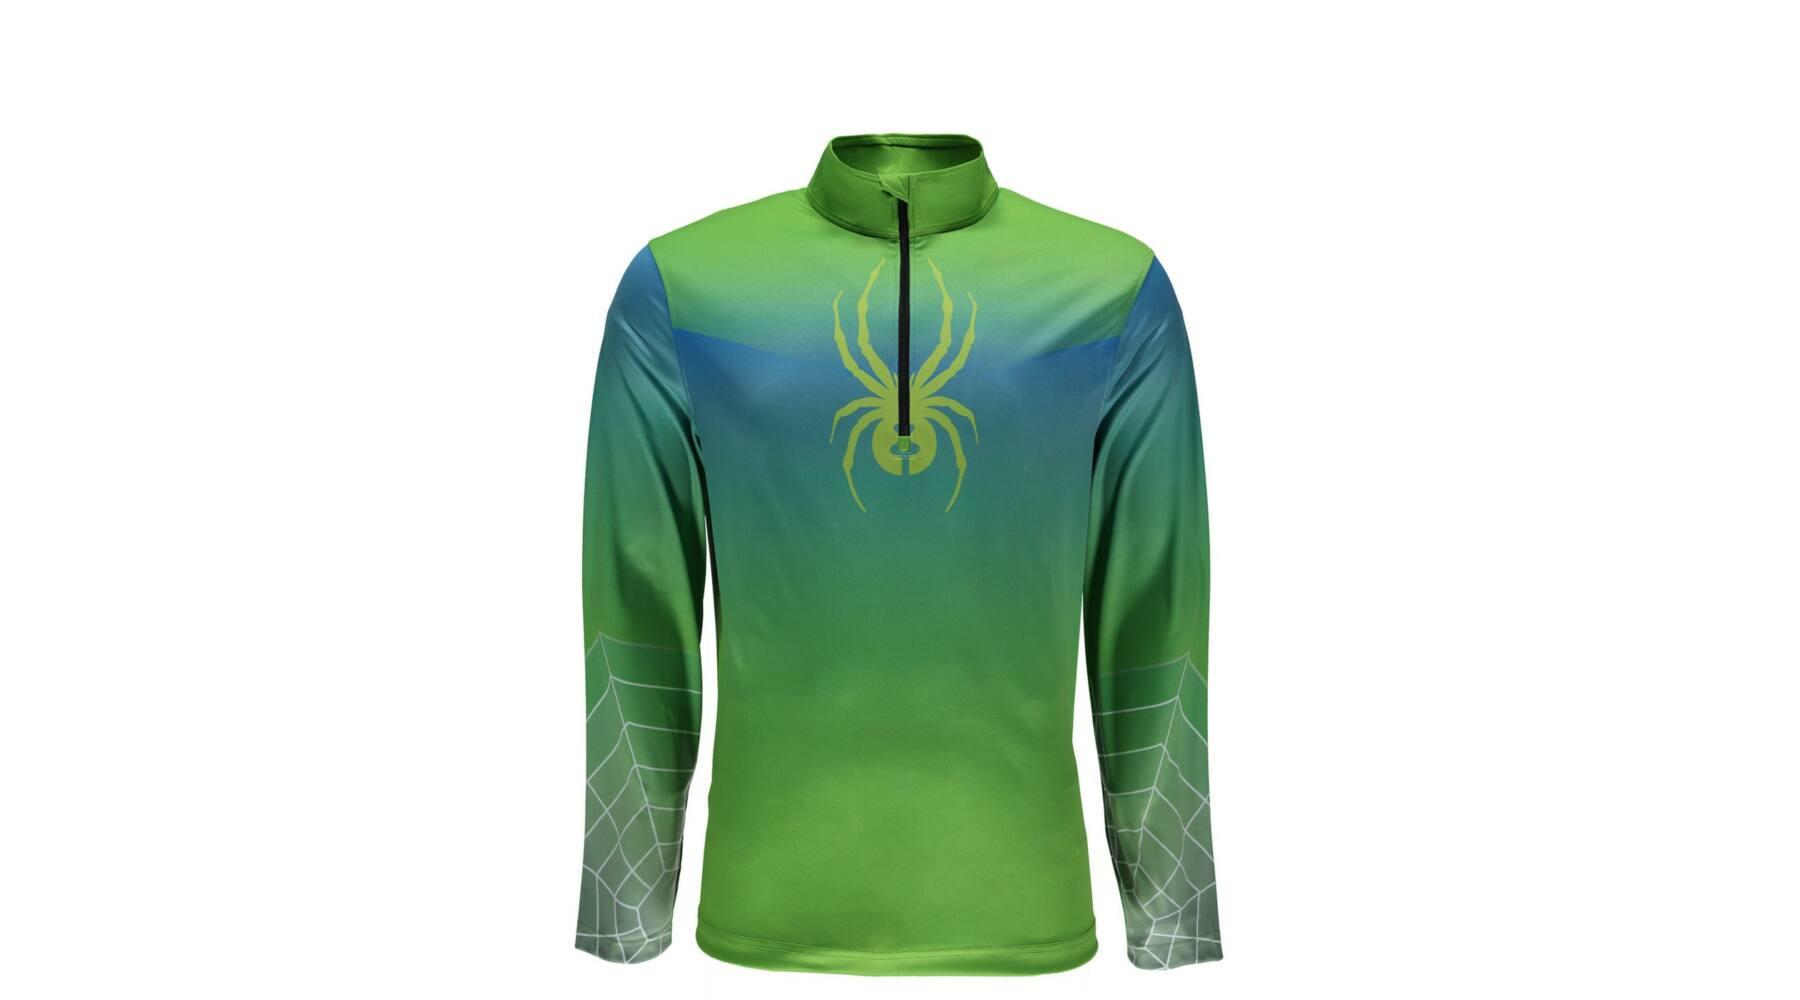 9efc20c8bb Spyder Limitless 1/4 zip DryWeb férfi aláöltözet felső, zöld-kék - a-Wear  Sport - Roller, kerékpár, bukósisak, túraruházat